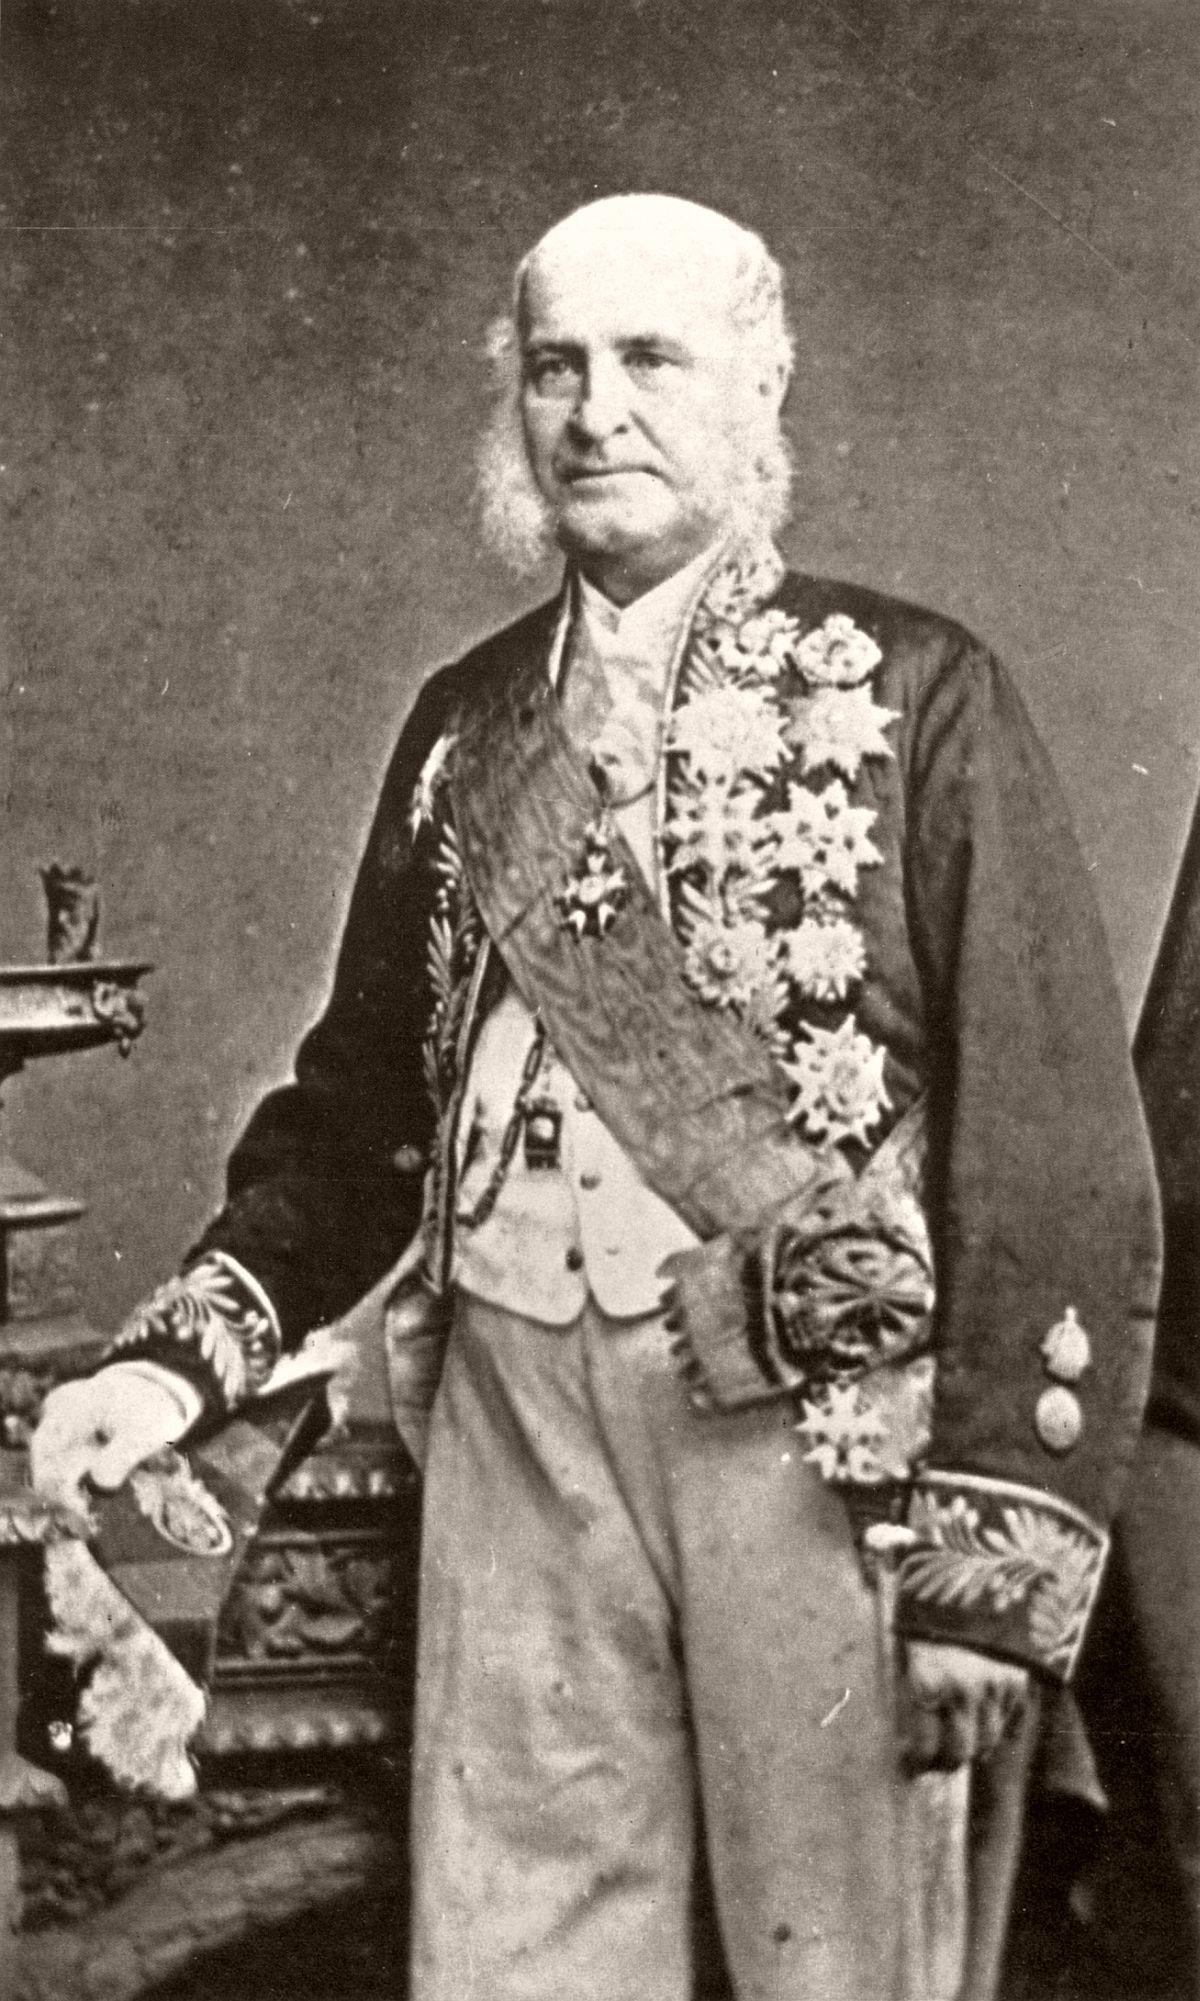 The last photograph of José Paranhos, Viscount of Rio Branco. 1880.